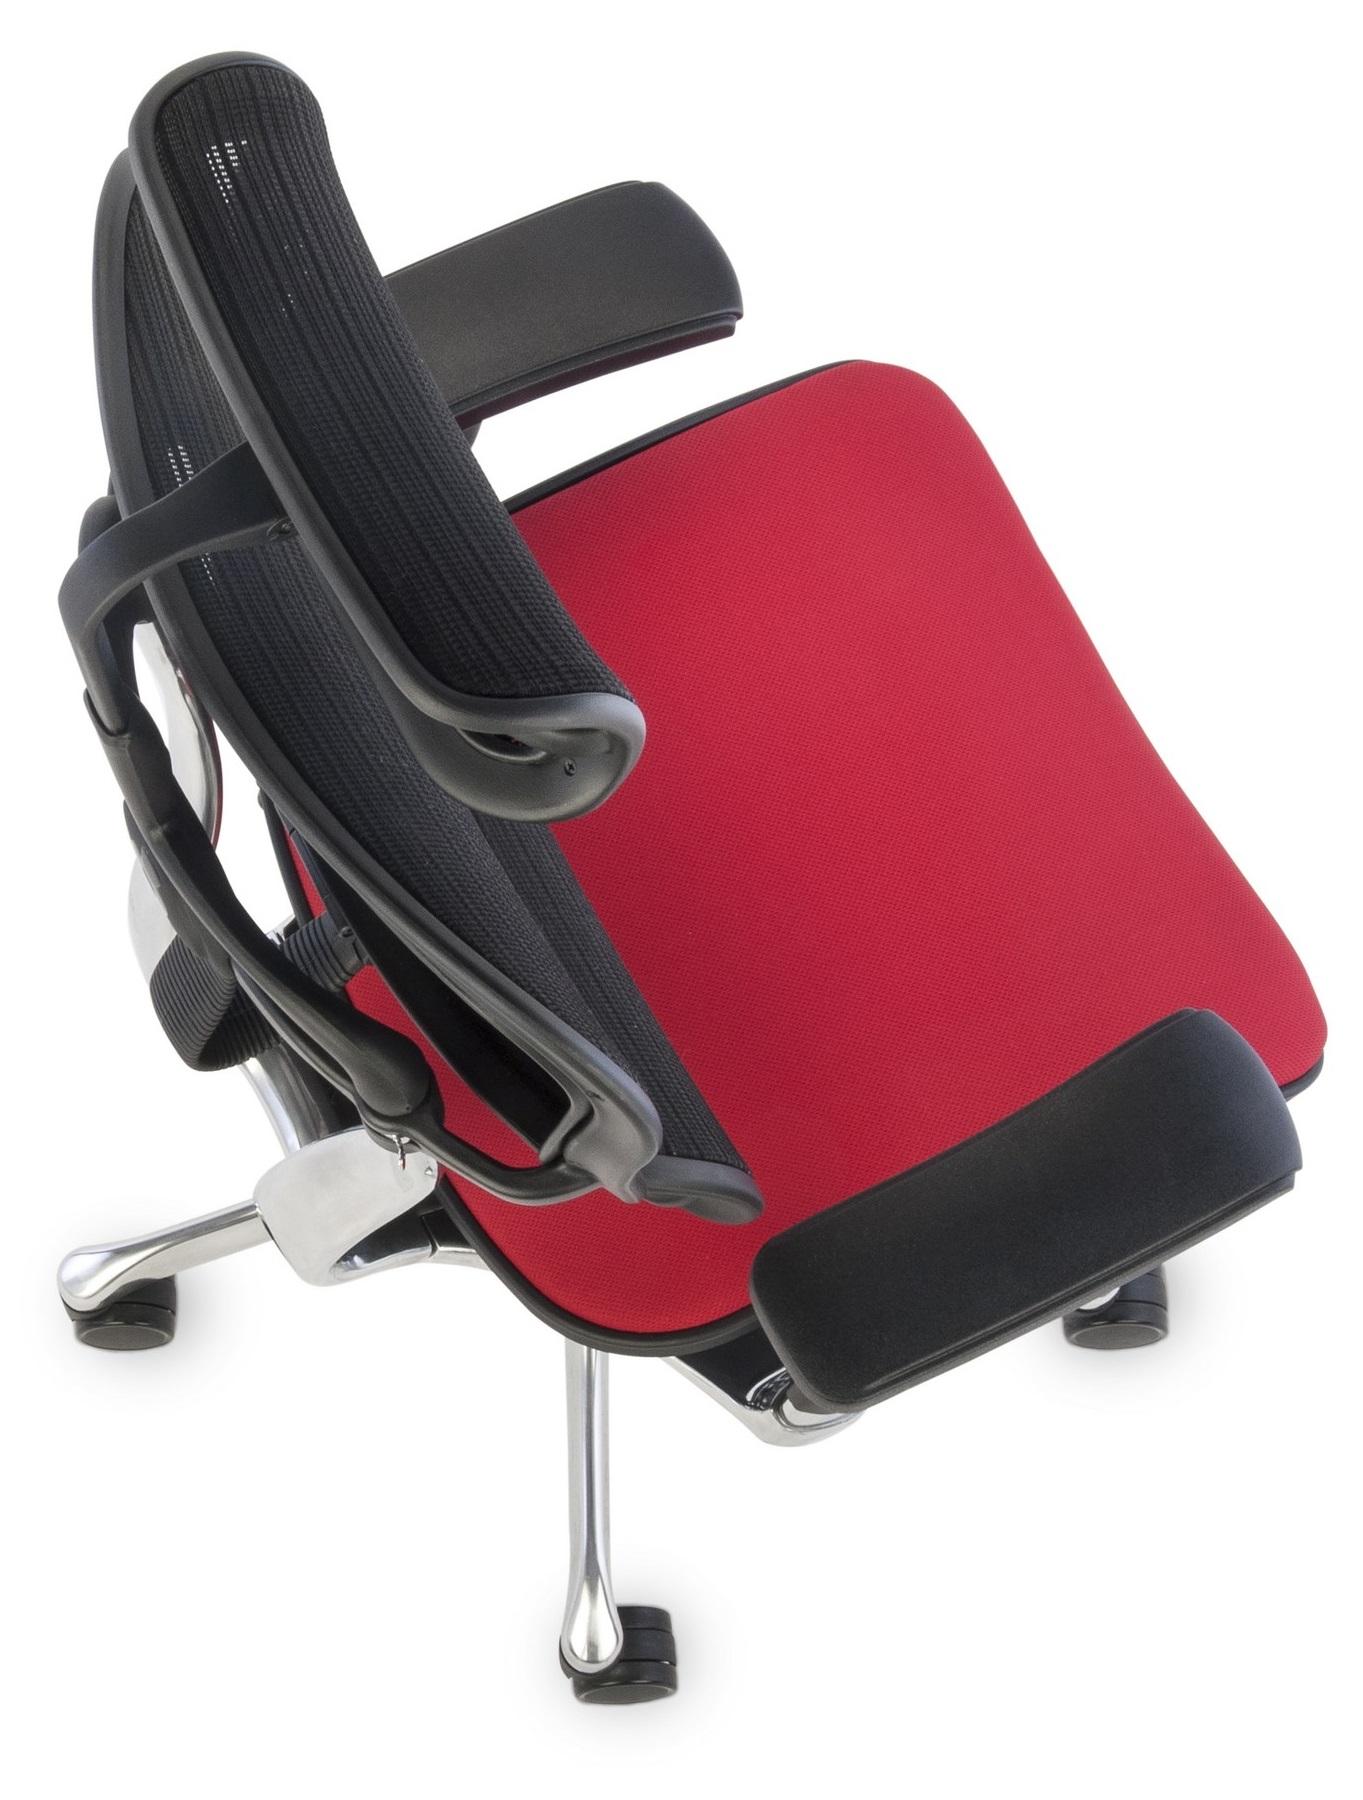 Ergohuman Plus Elite Color,Backrest: KMD 31, Seat: Flex FX02